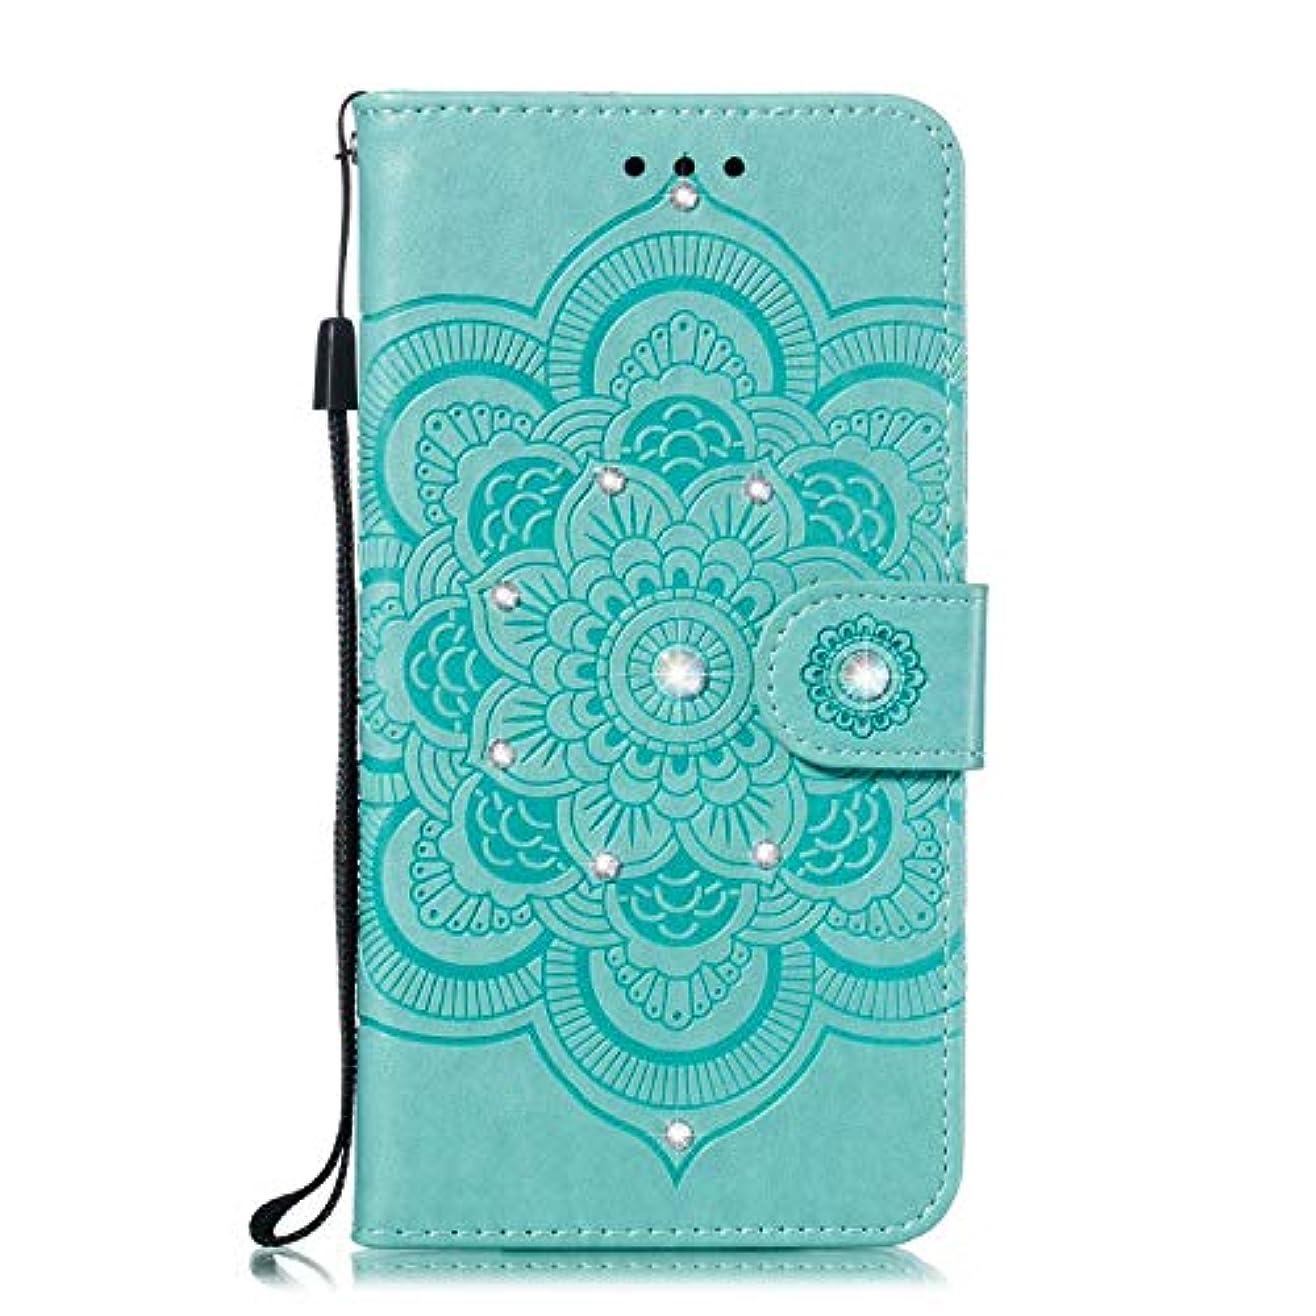 新鮮なあなたは取り壊すOMATENTI iPhone XR ケース 手帳型 かわいい レディース用 合皮PUレザー 財布型 保護ケース ザー カード収納 スタンド 機能 マグネット 人気 高品質 ダイヤモンドの輝き マンダラのエンボス加工 ケース, 緑